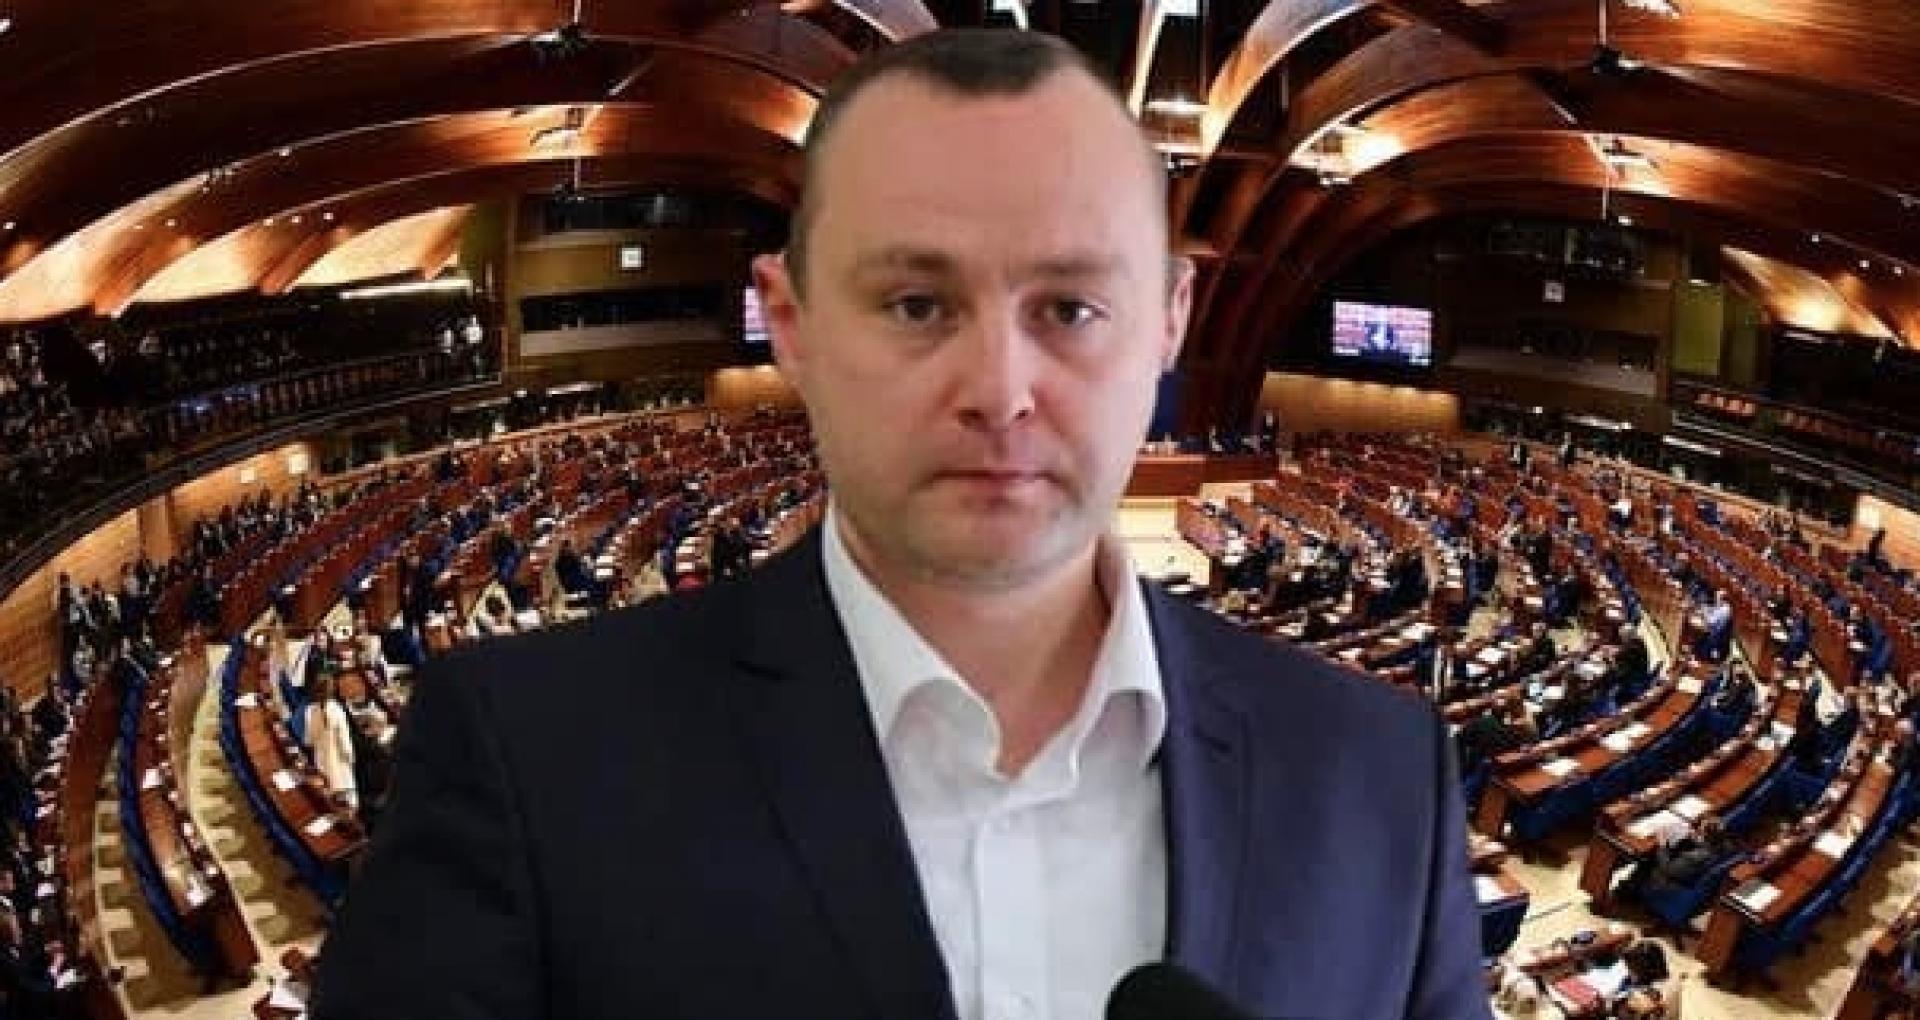 Parlamentul anunță că socialistul Vlad Batrîncea, care se află la Strasbourg, a fost ales vicepreședinte al APCE